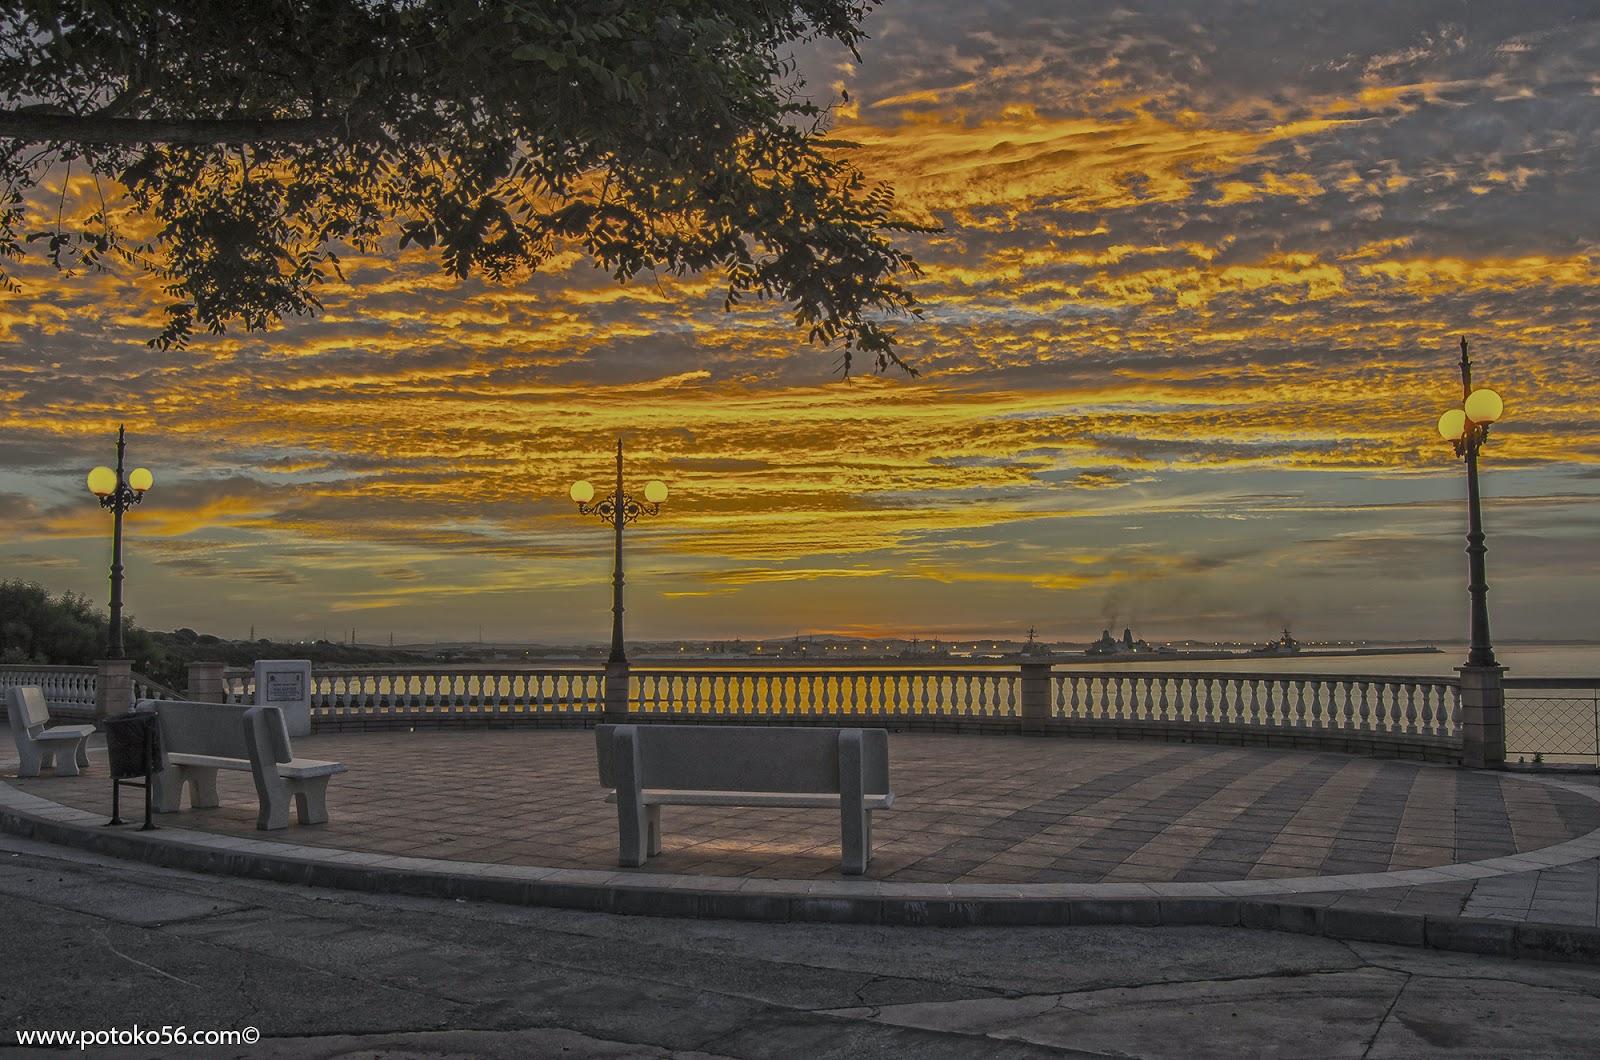 Mirador de los Galeones en el paseo del Chorrillo en Rota